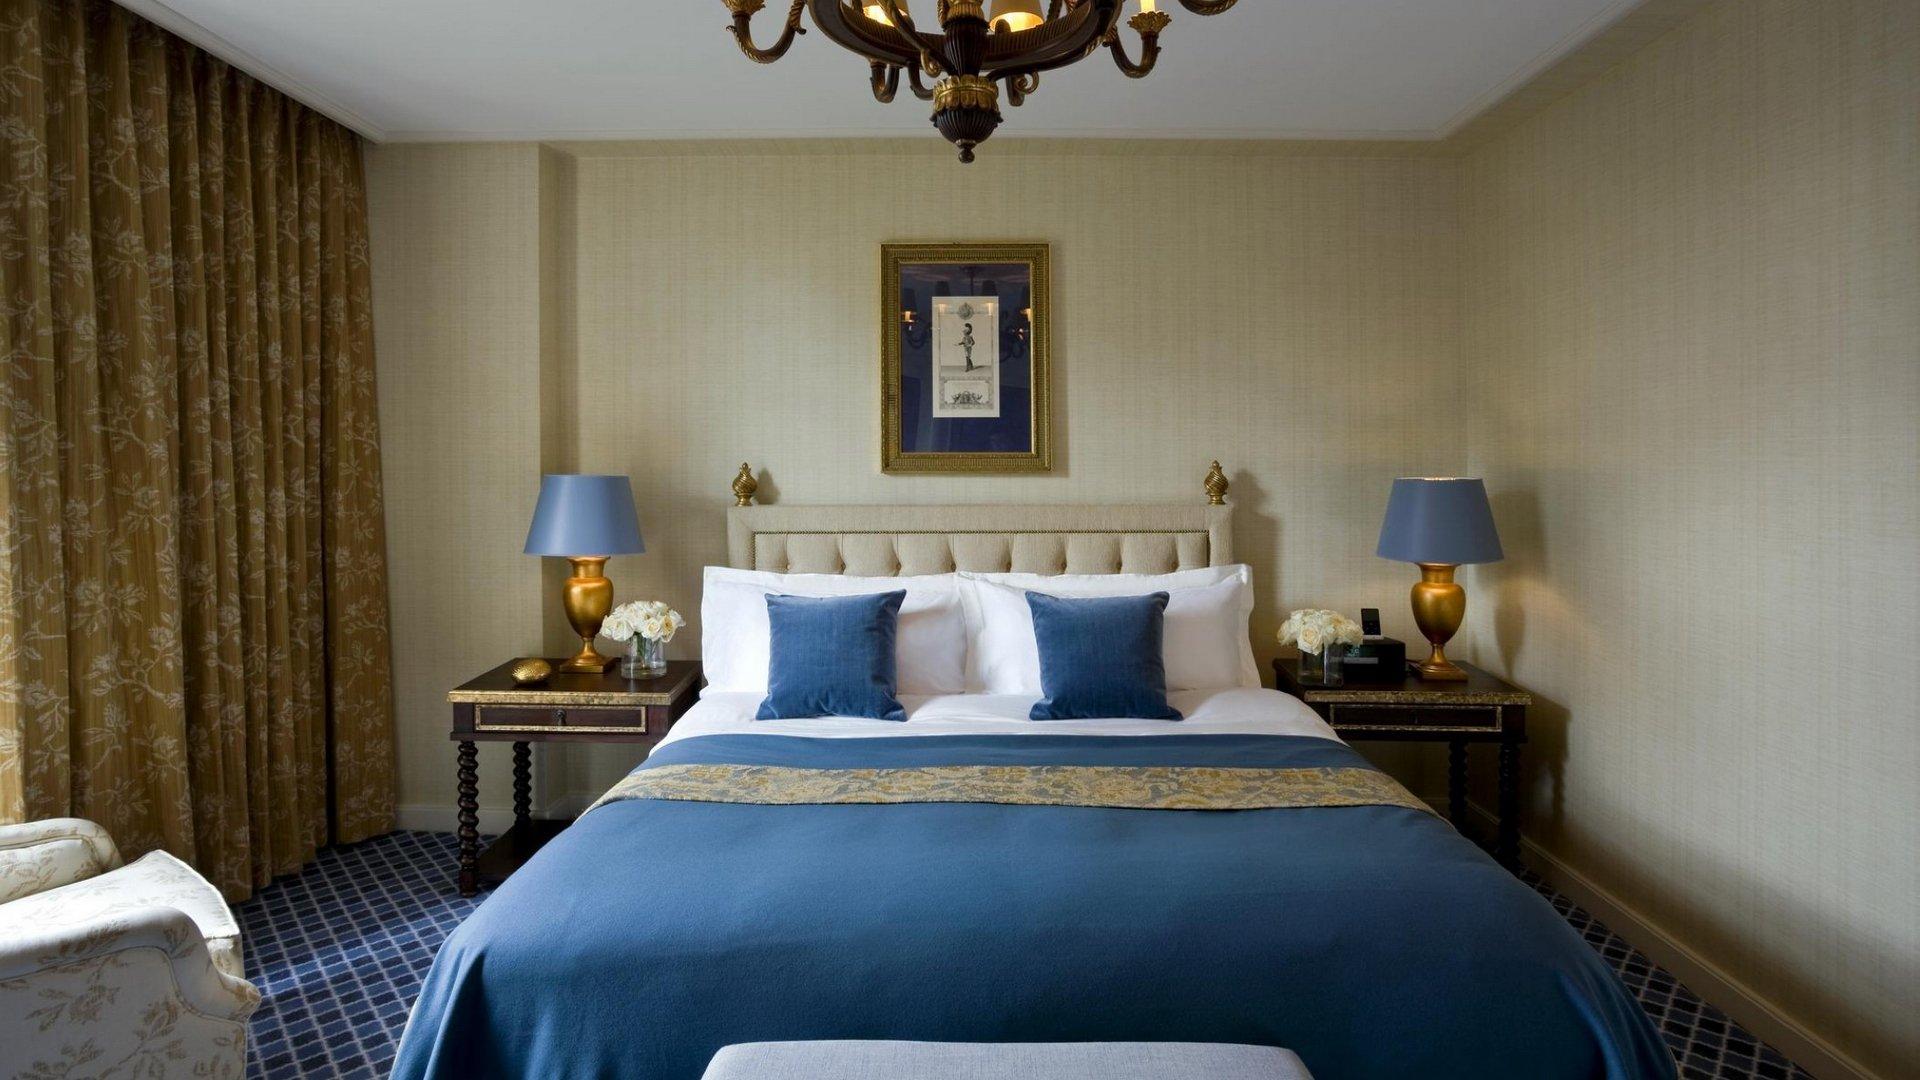 Синие и золотые оттенки в интерьере спальни